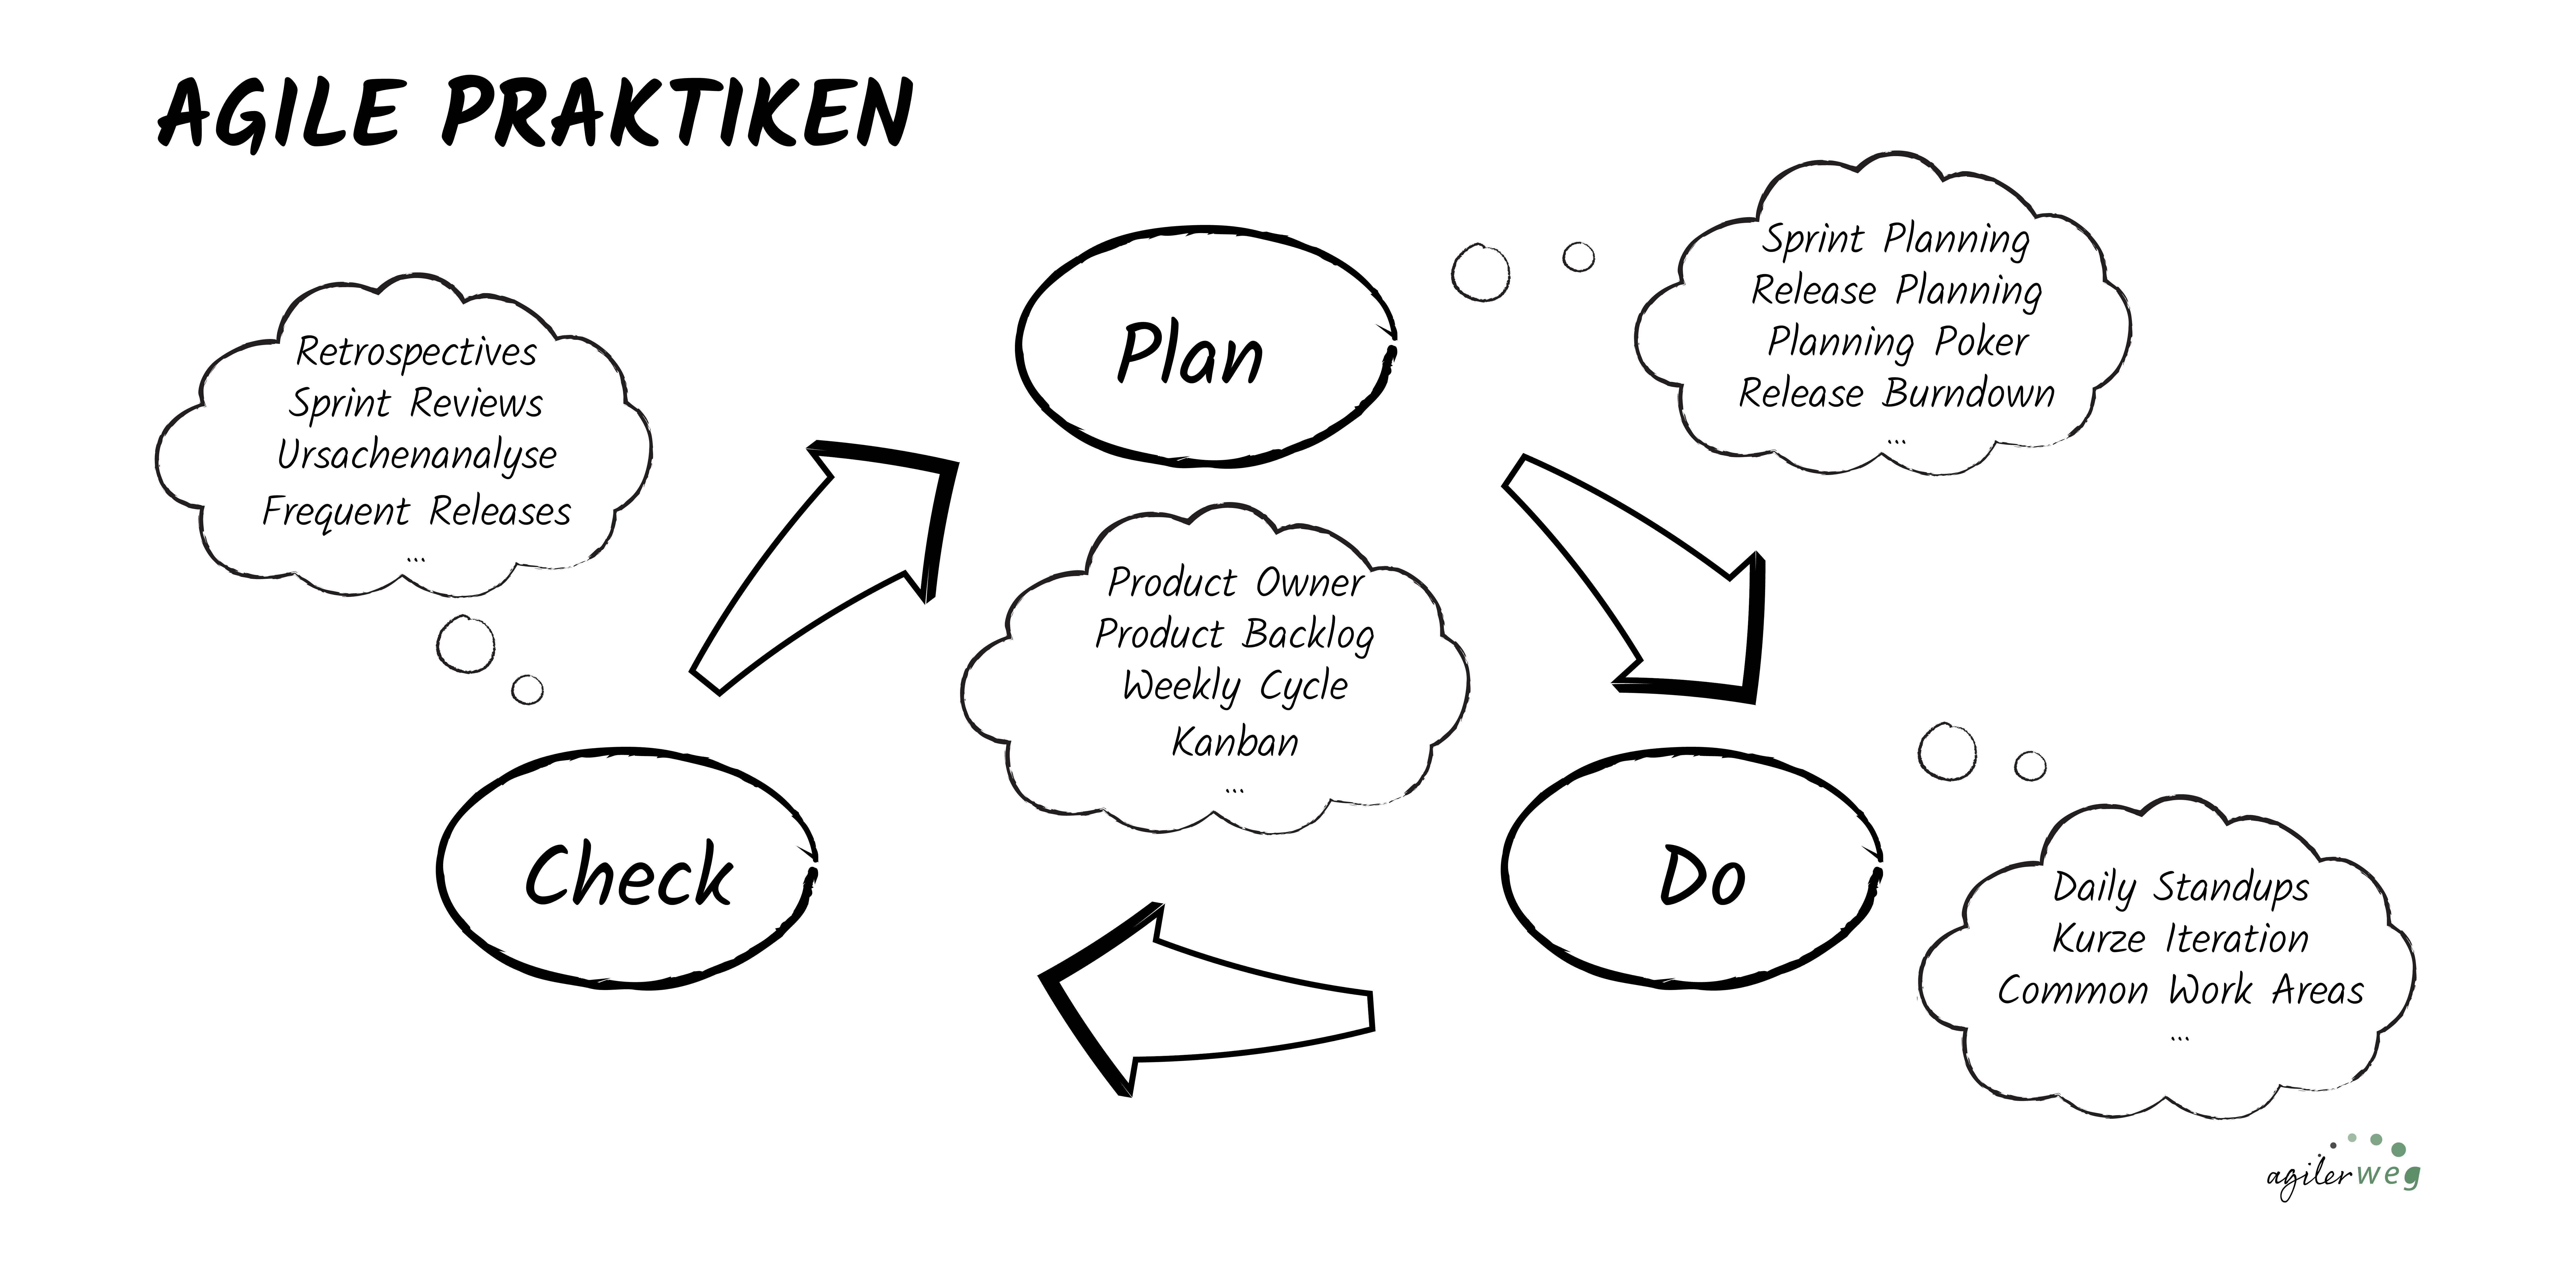 übersicht der agilen praktiken als PDC-Zyklus